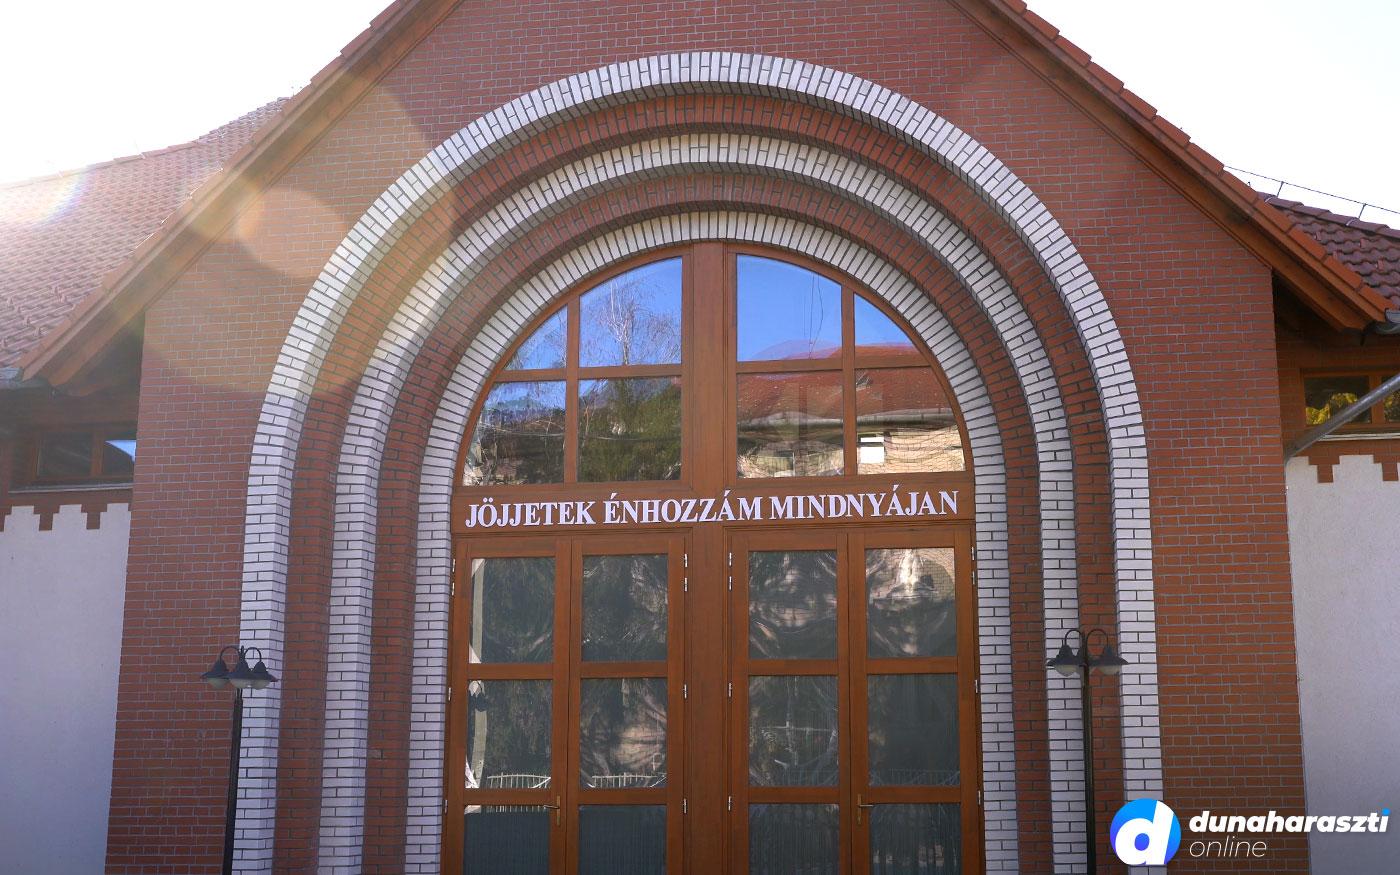 Állami pályázaton nyert támogatást a Dunaharaszti Református közösség